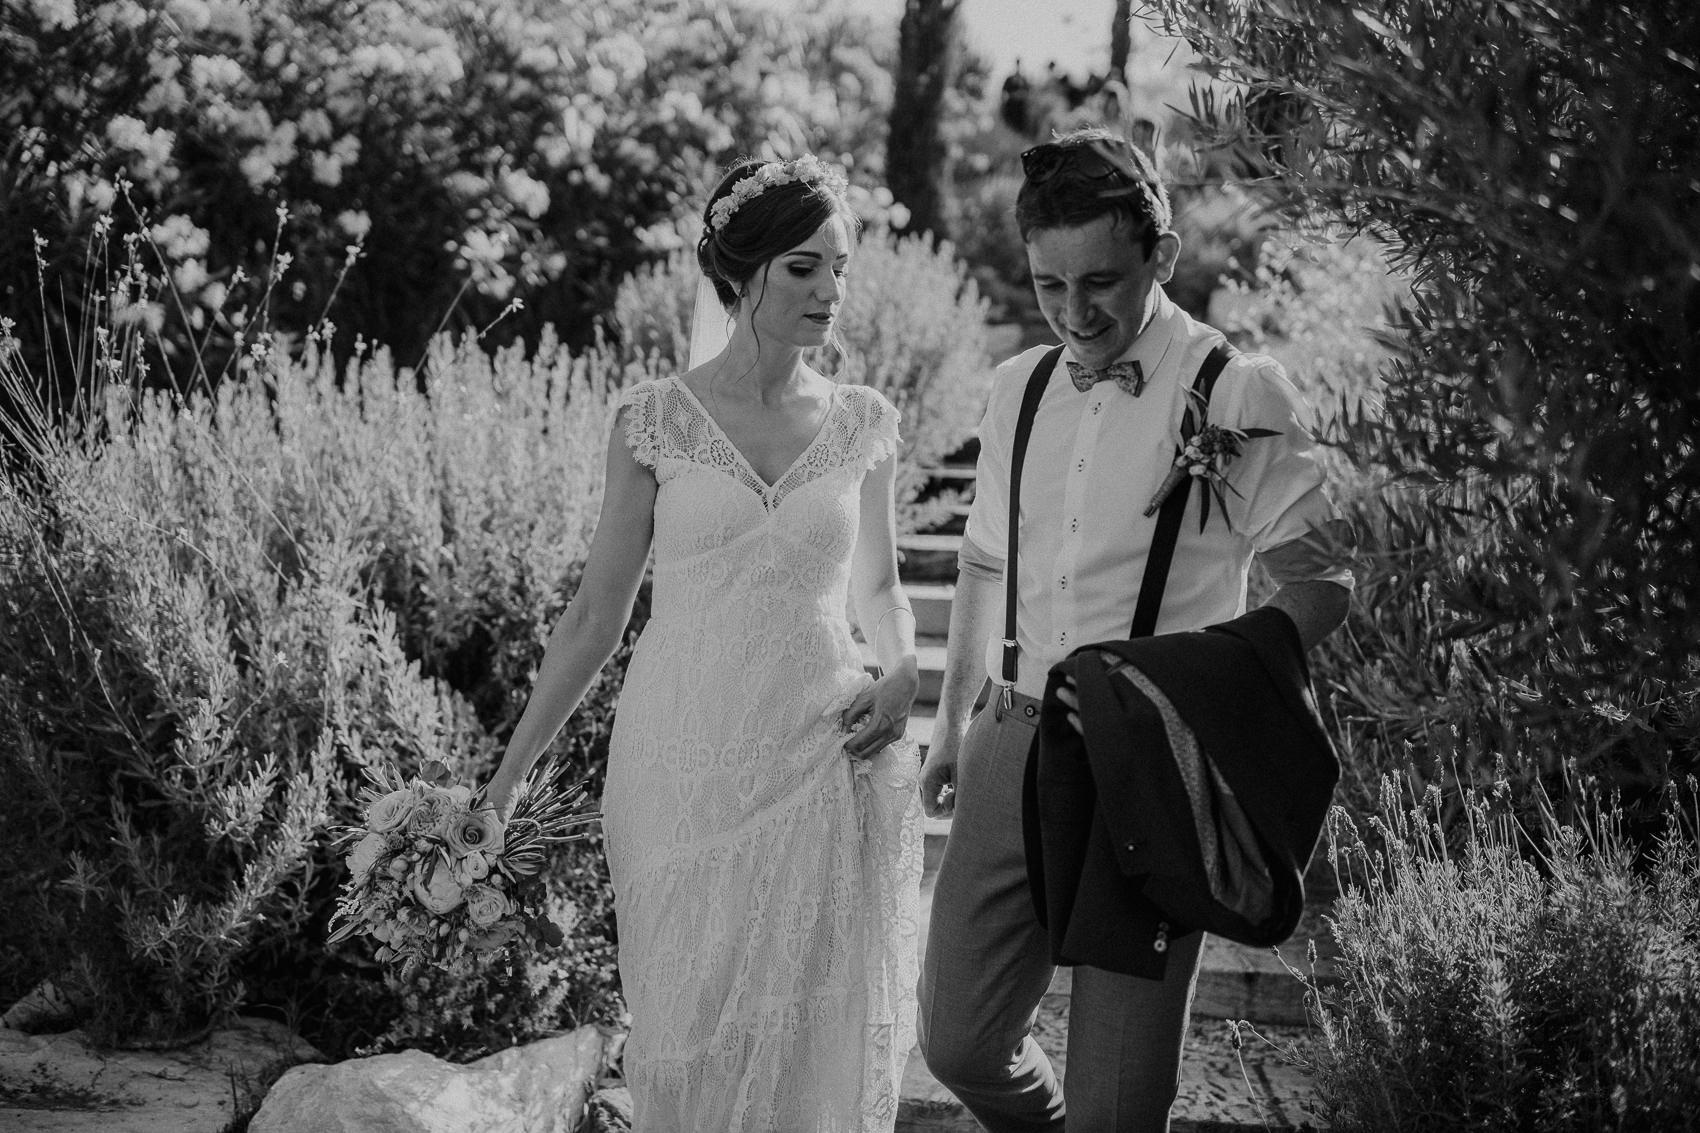 Sarah & Bill | Summer wedding at Cortijo Rosa Blanca | Marbella - Spain 95